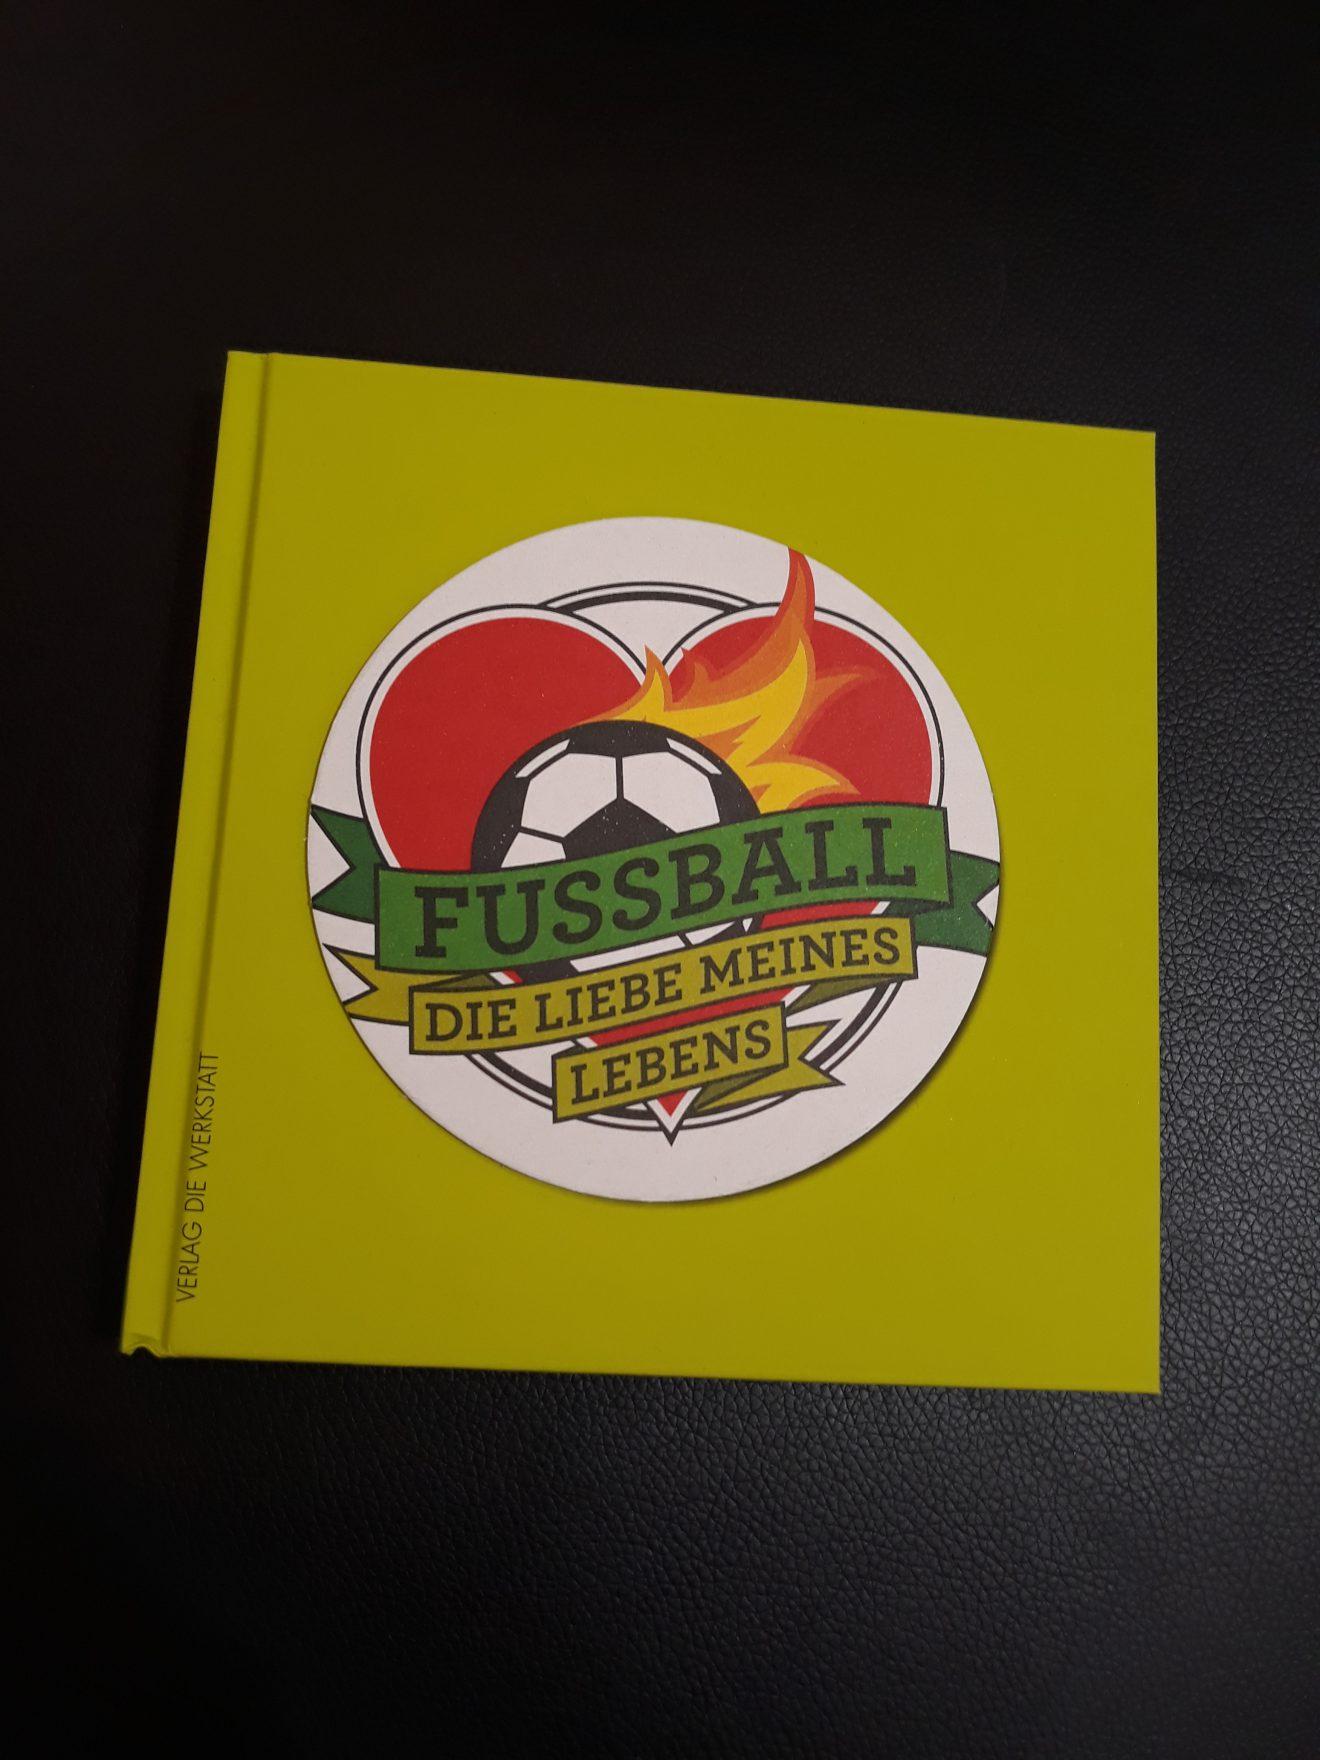 10Fussball